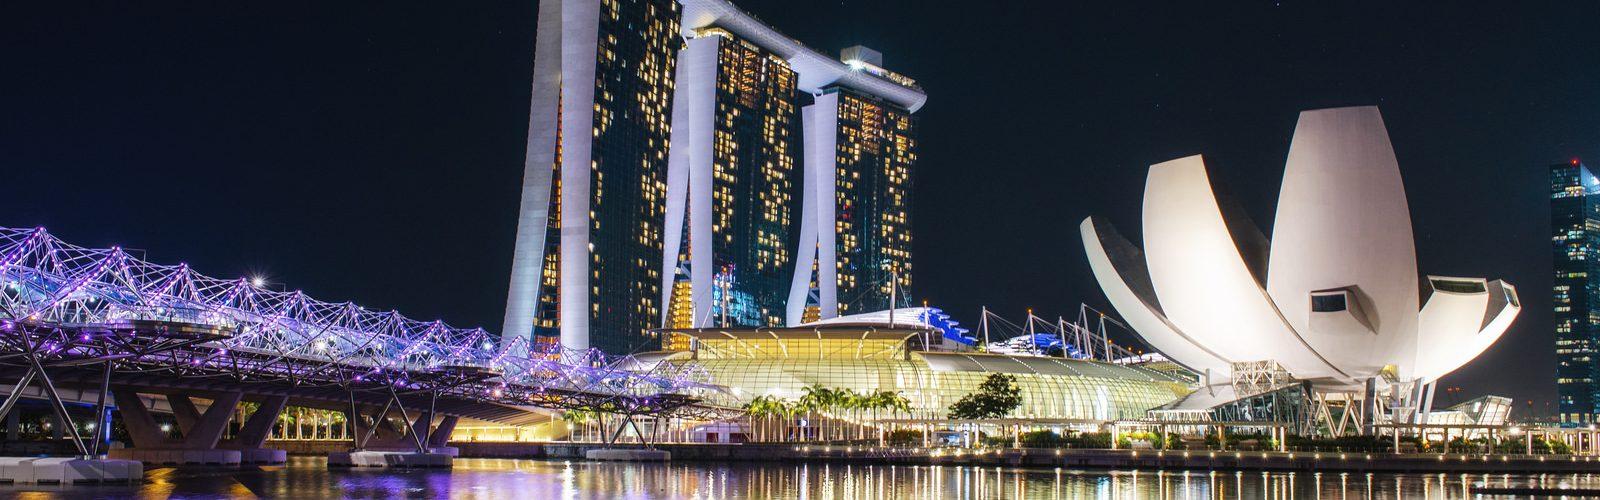 paket tour 6h5m Malaysia - yoexplore, liburan keluarga - yoexplore.co.id